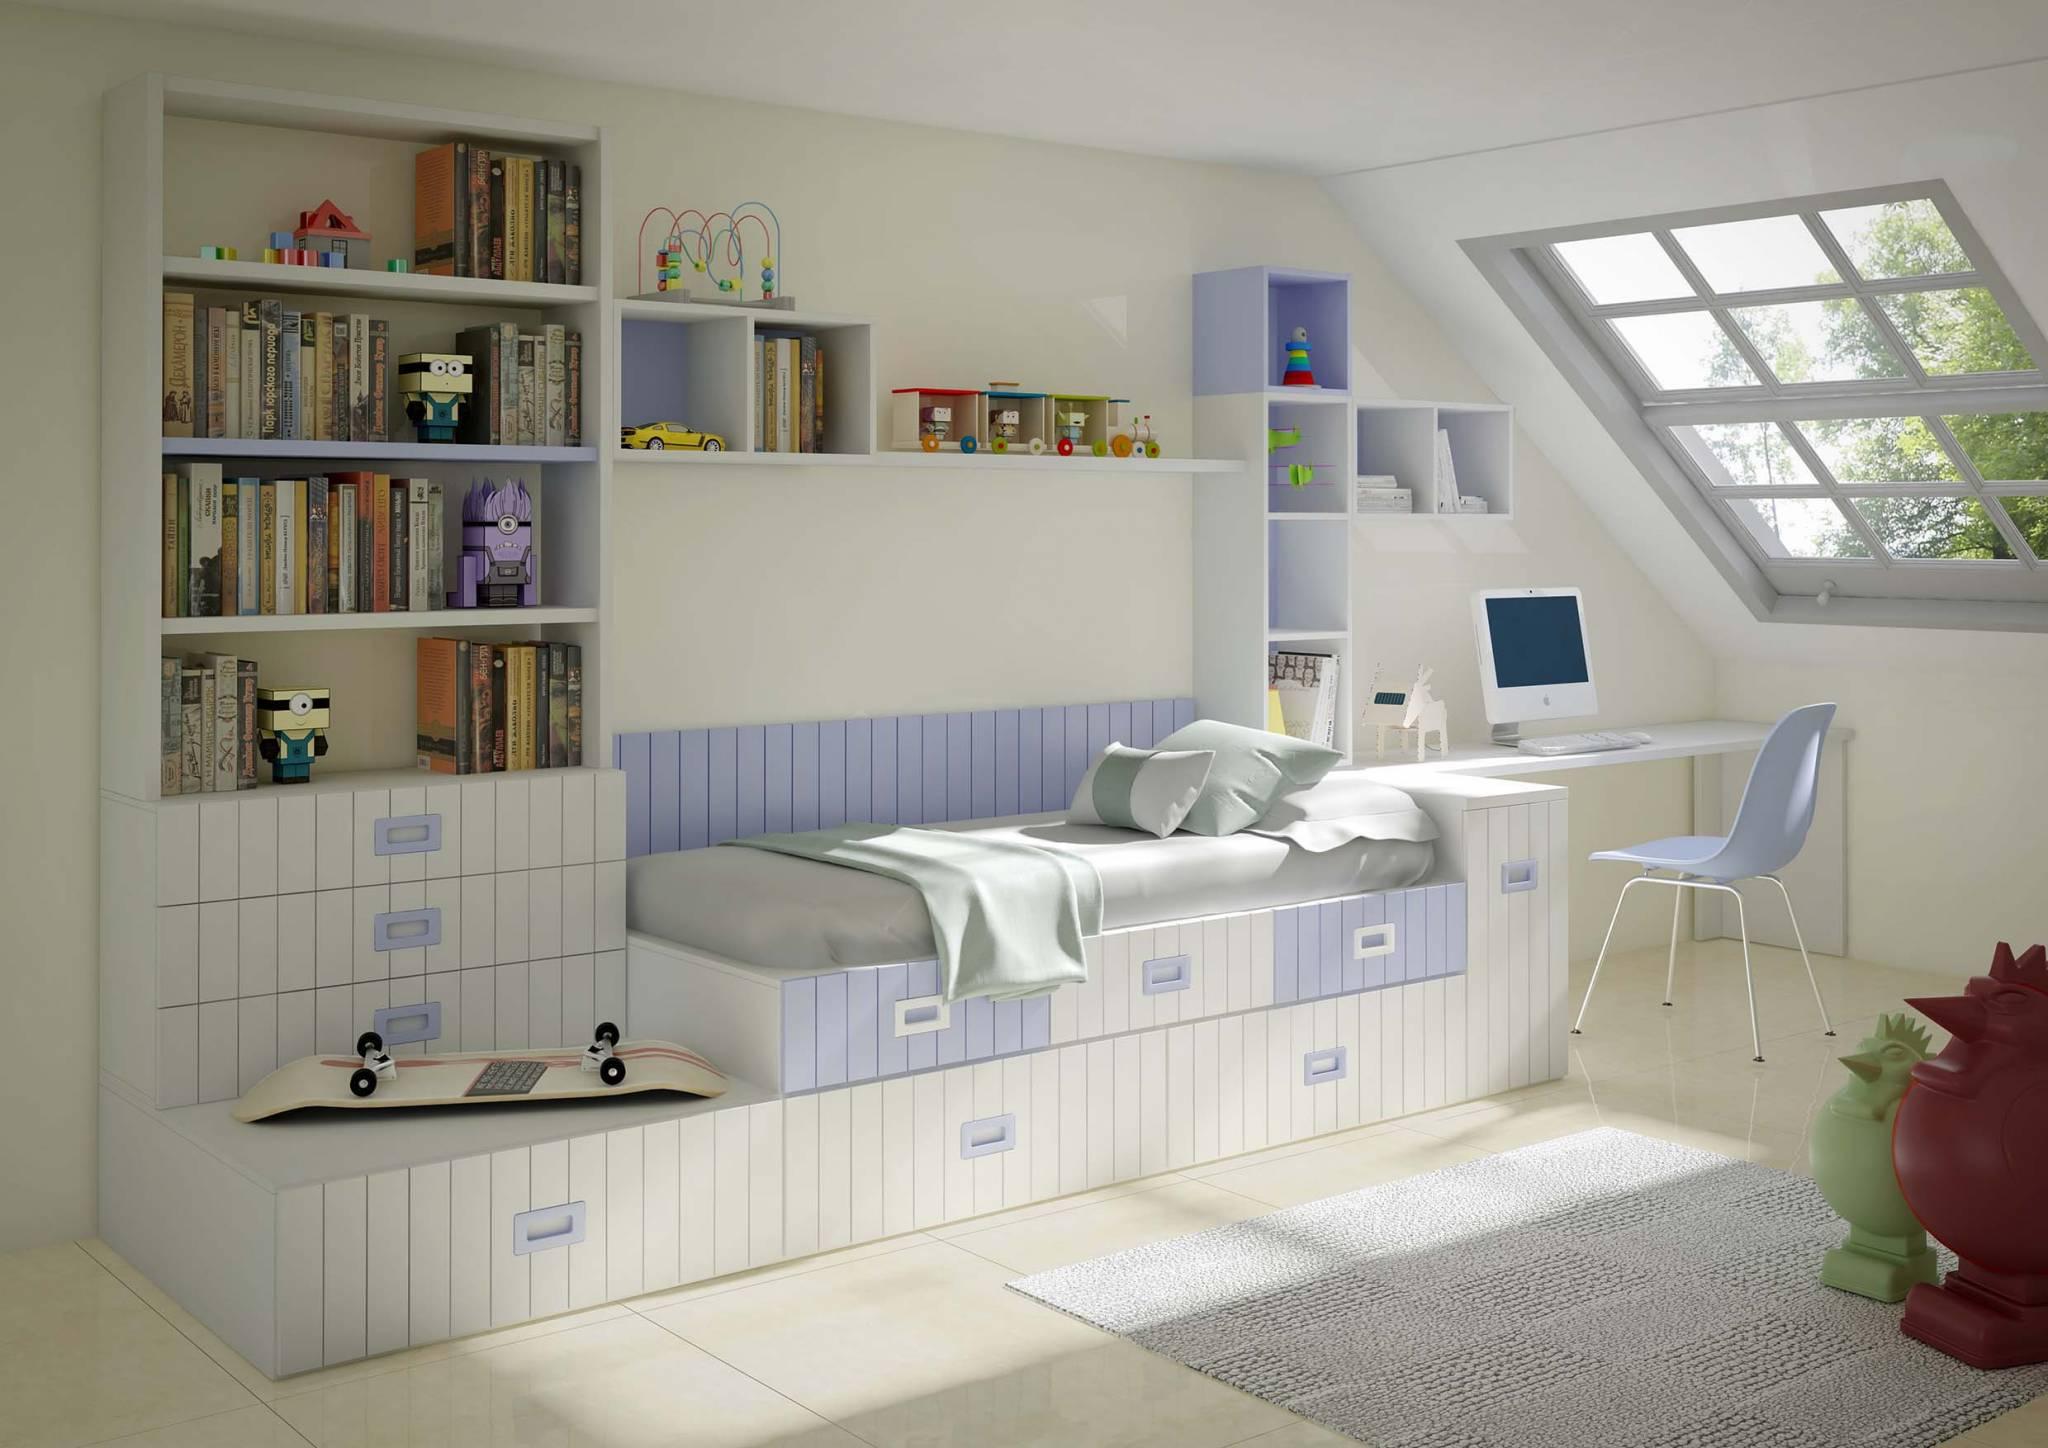 Juvenil Lacado Bercian. Dormitorio Juvenil  Tatami Lacado. Muebles Díaz